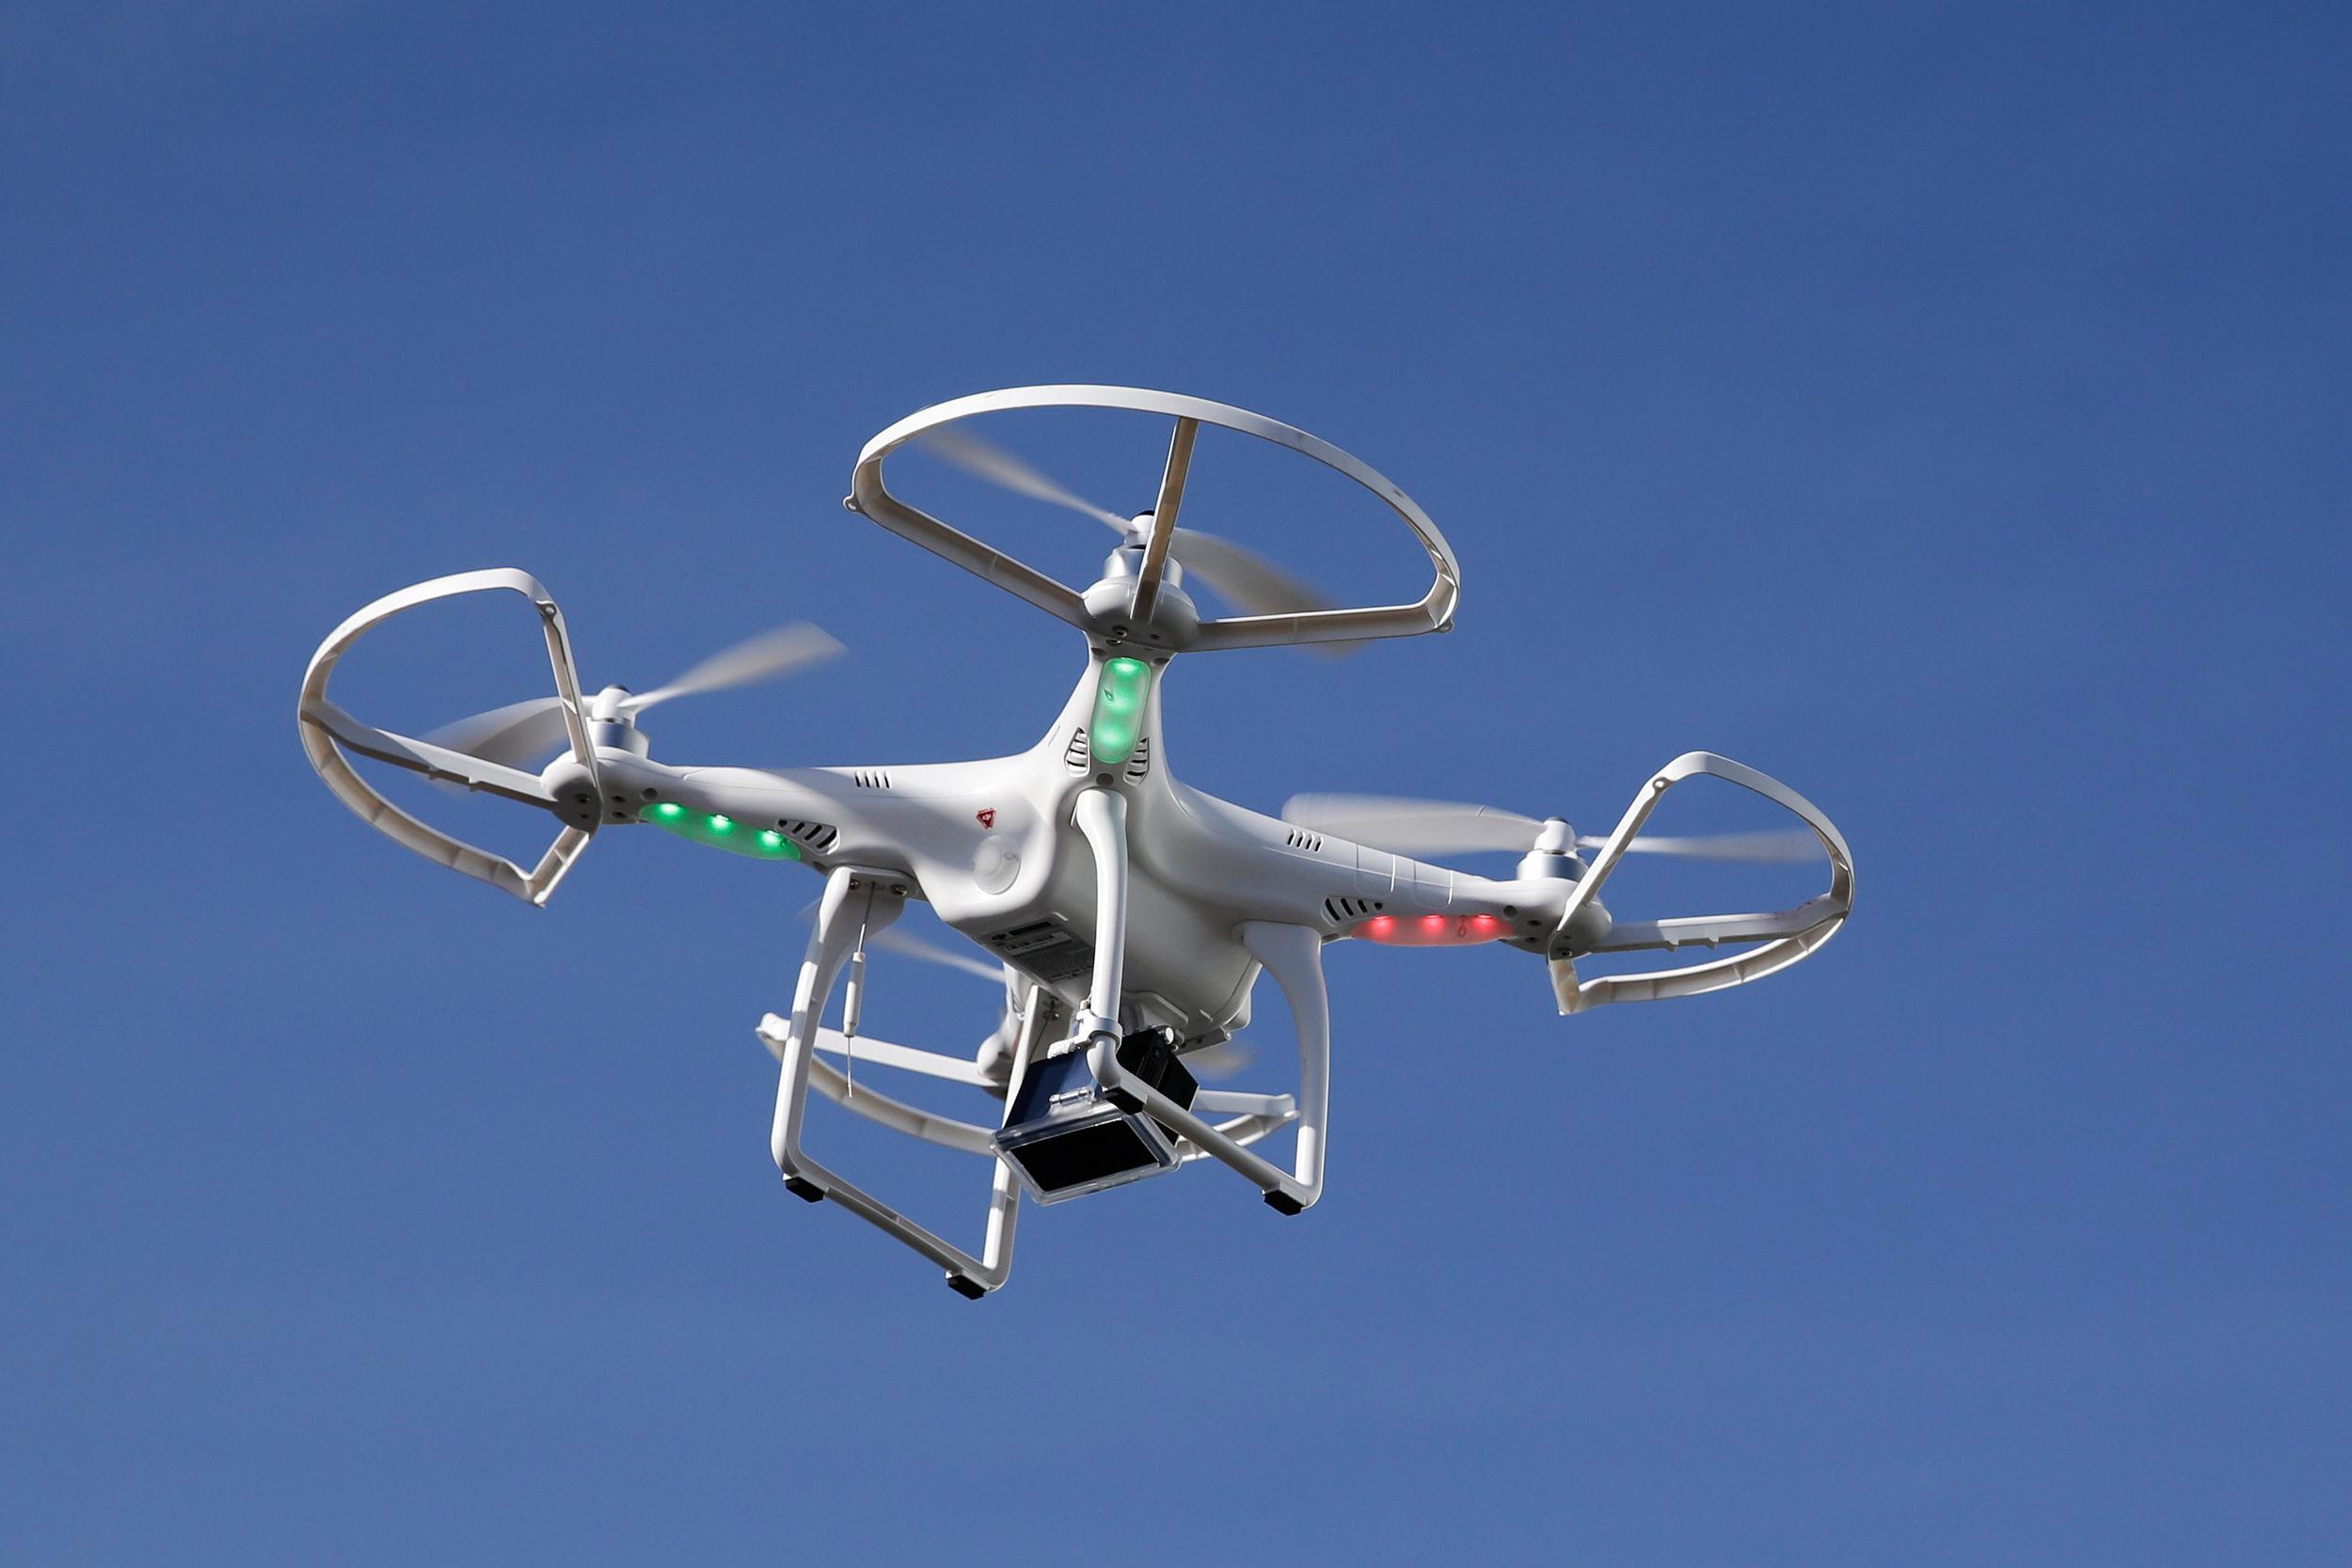 ha generado opiniones mixtas en los ciudadanos acerca del uso adecuado de estos dispositivos